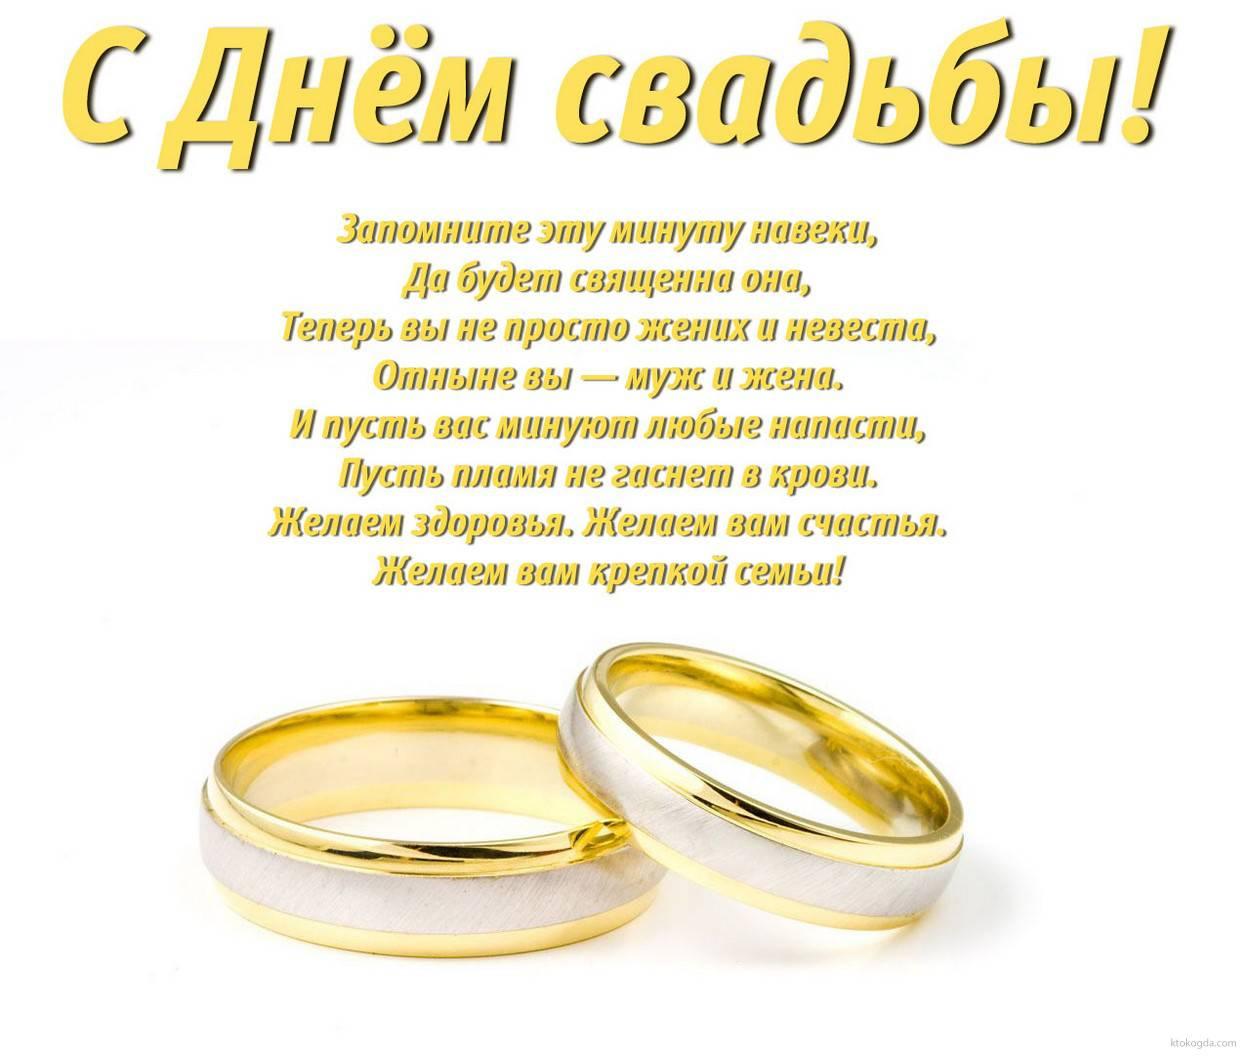 Поздравления со свадьбой красивые слова от себя